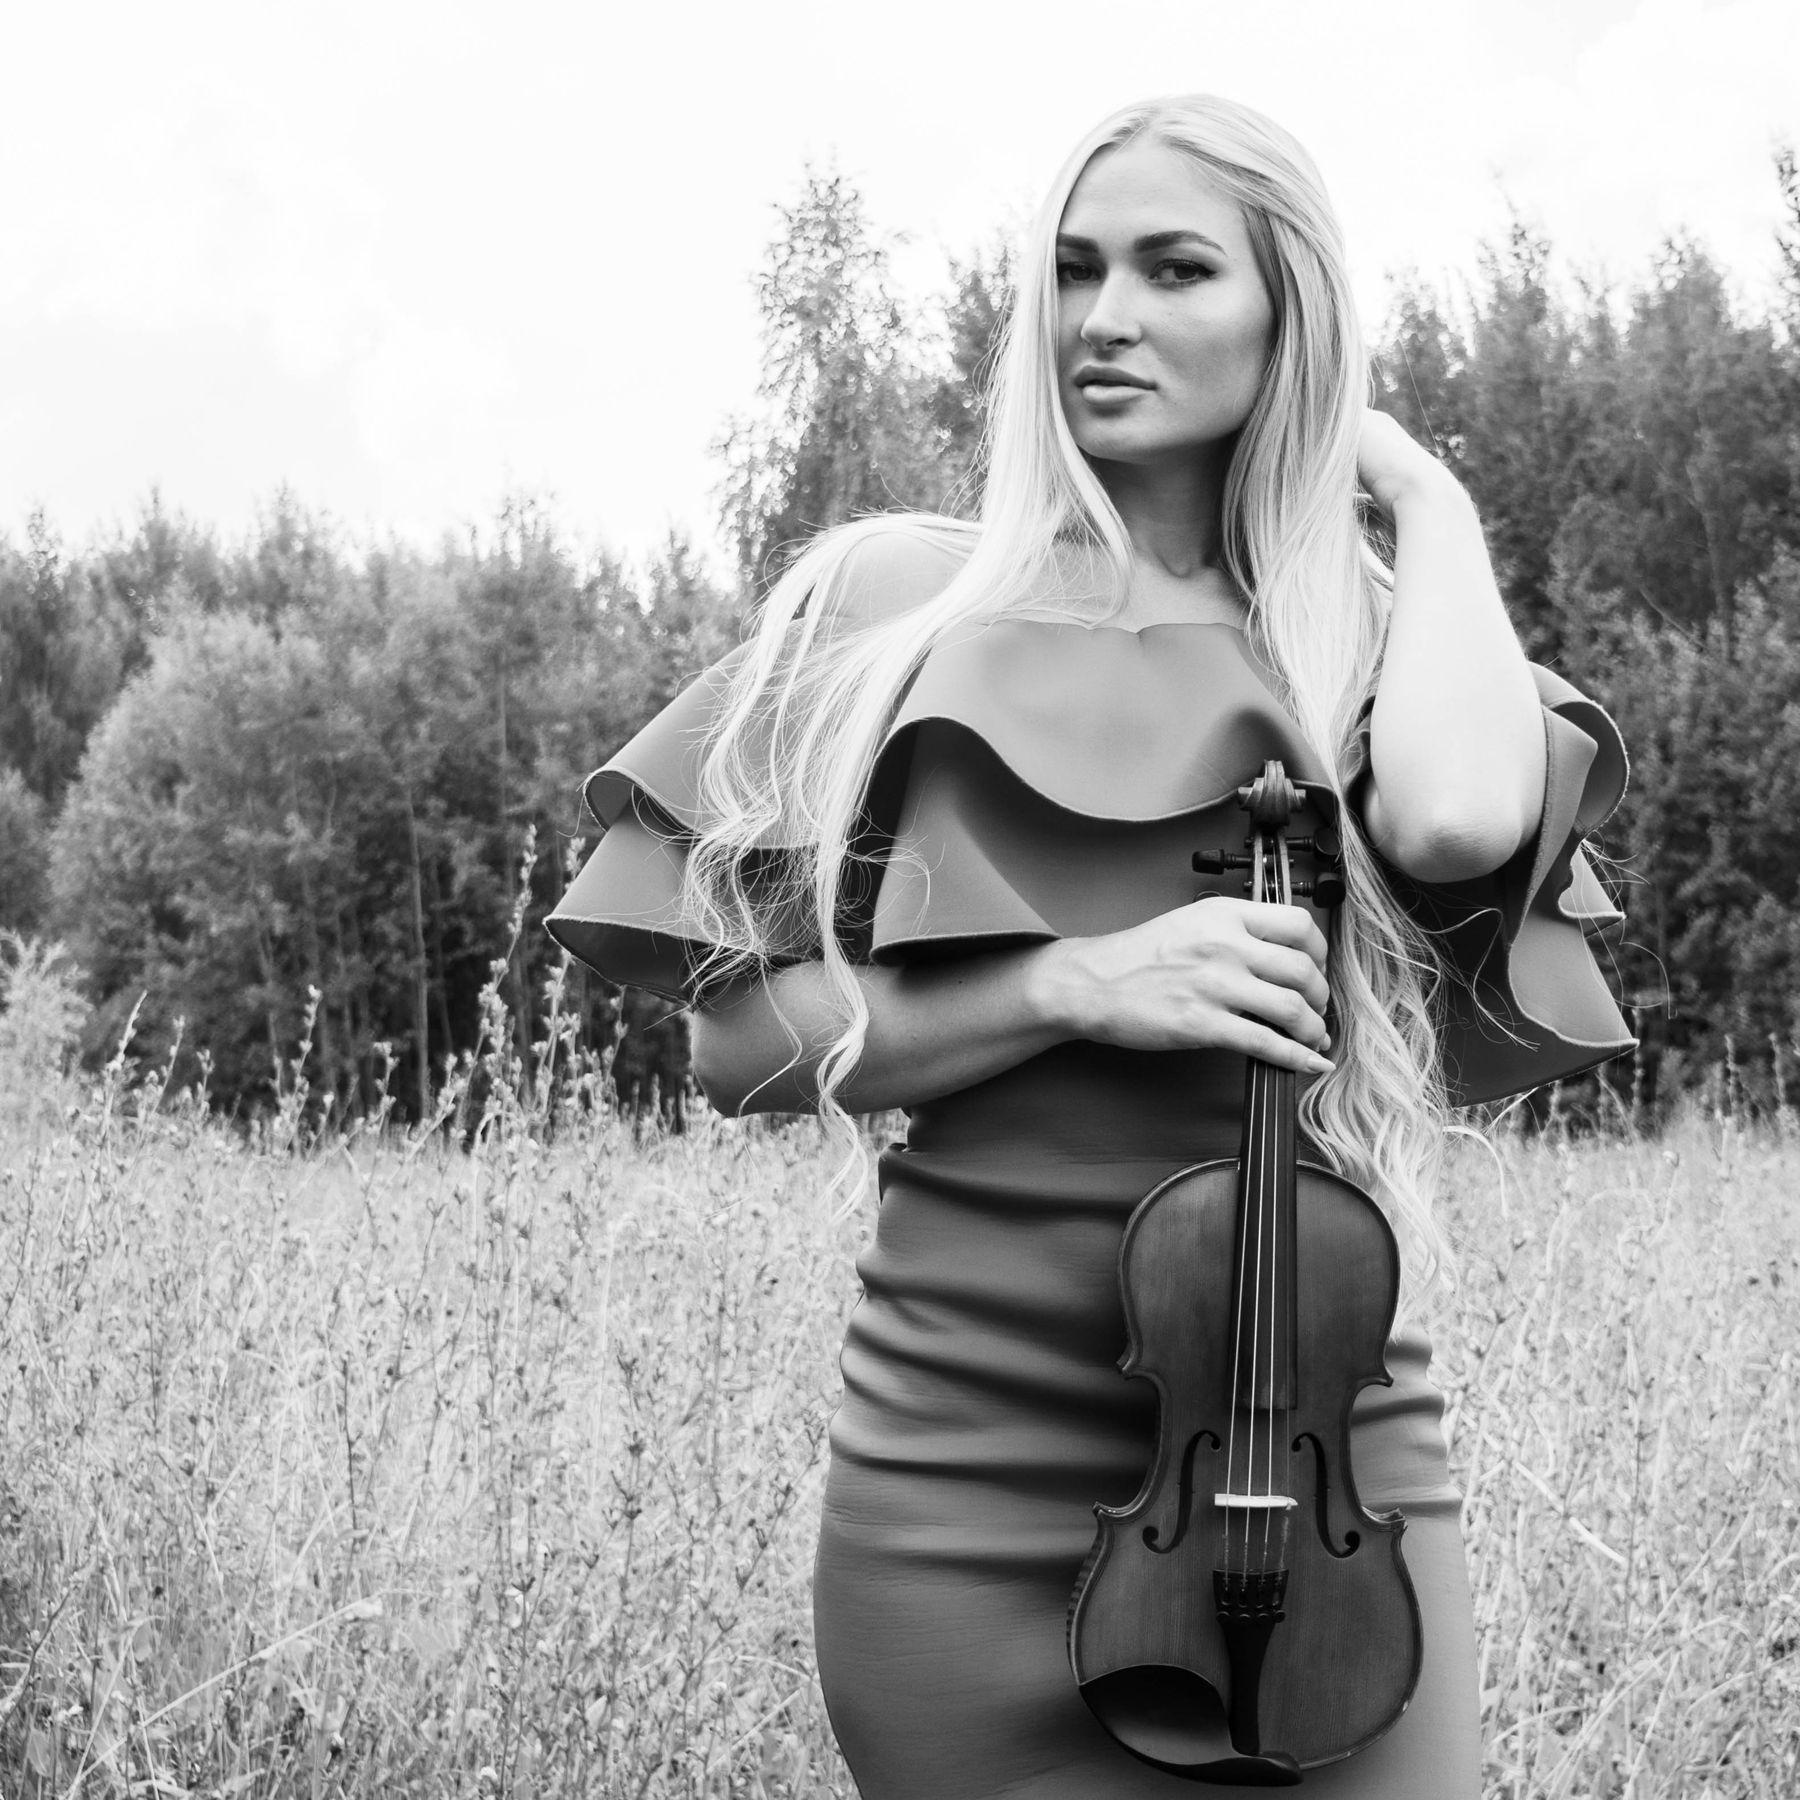 Лена портрет девушка модель скрипка природа